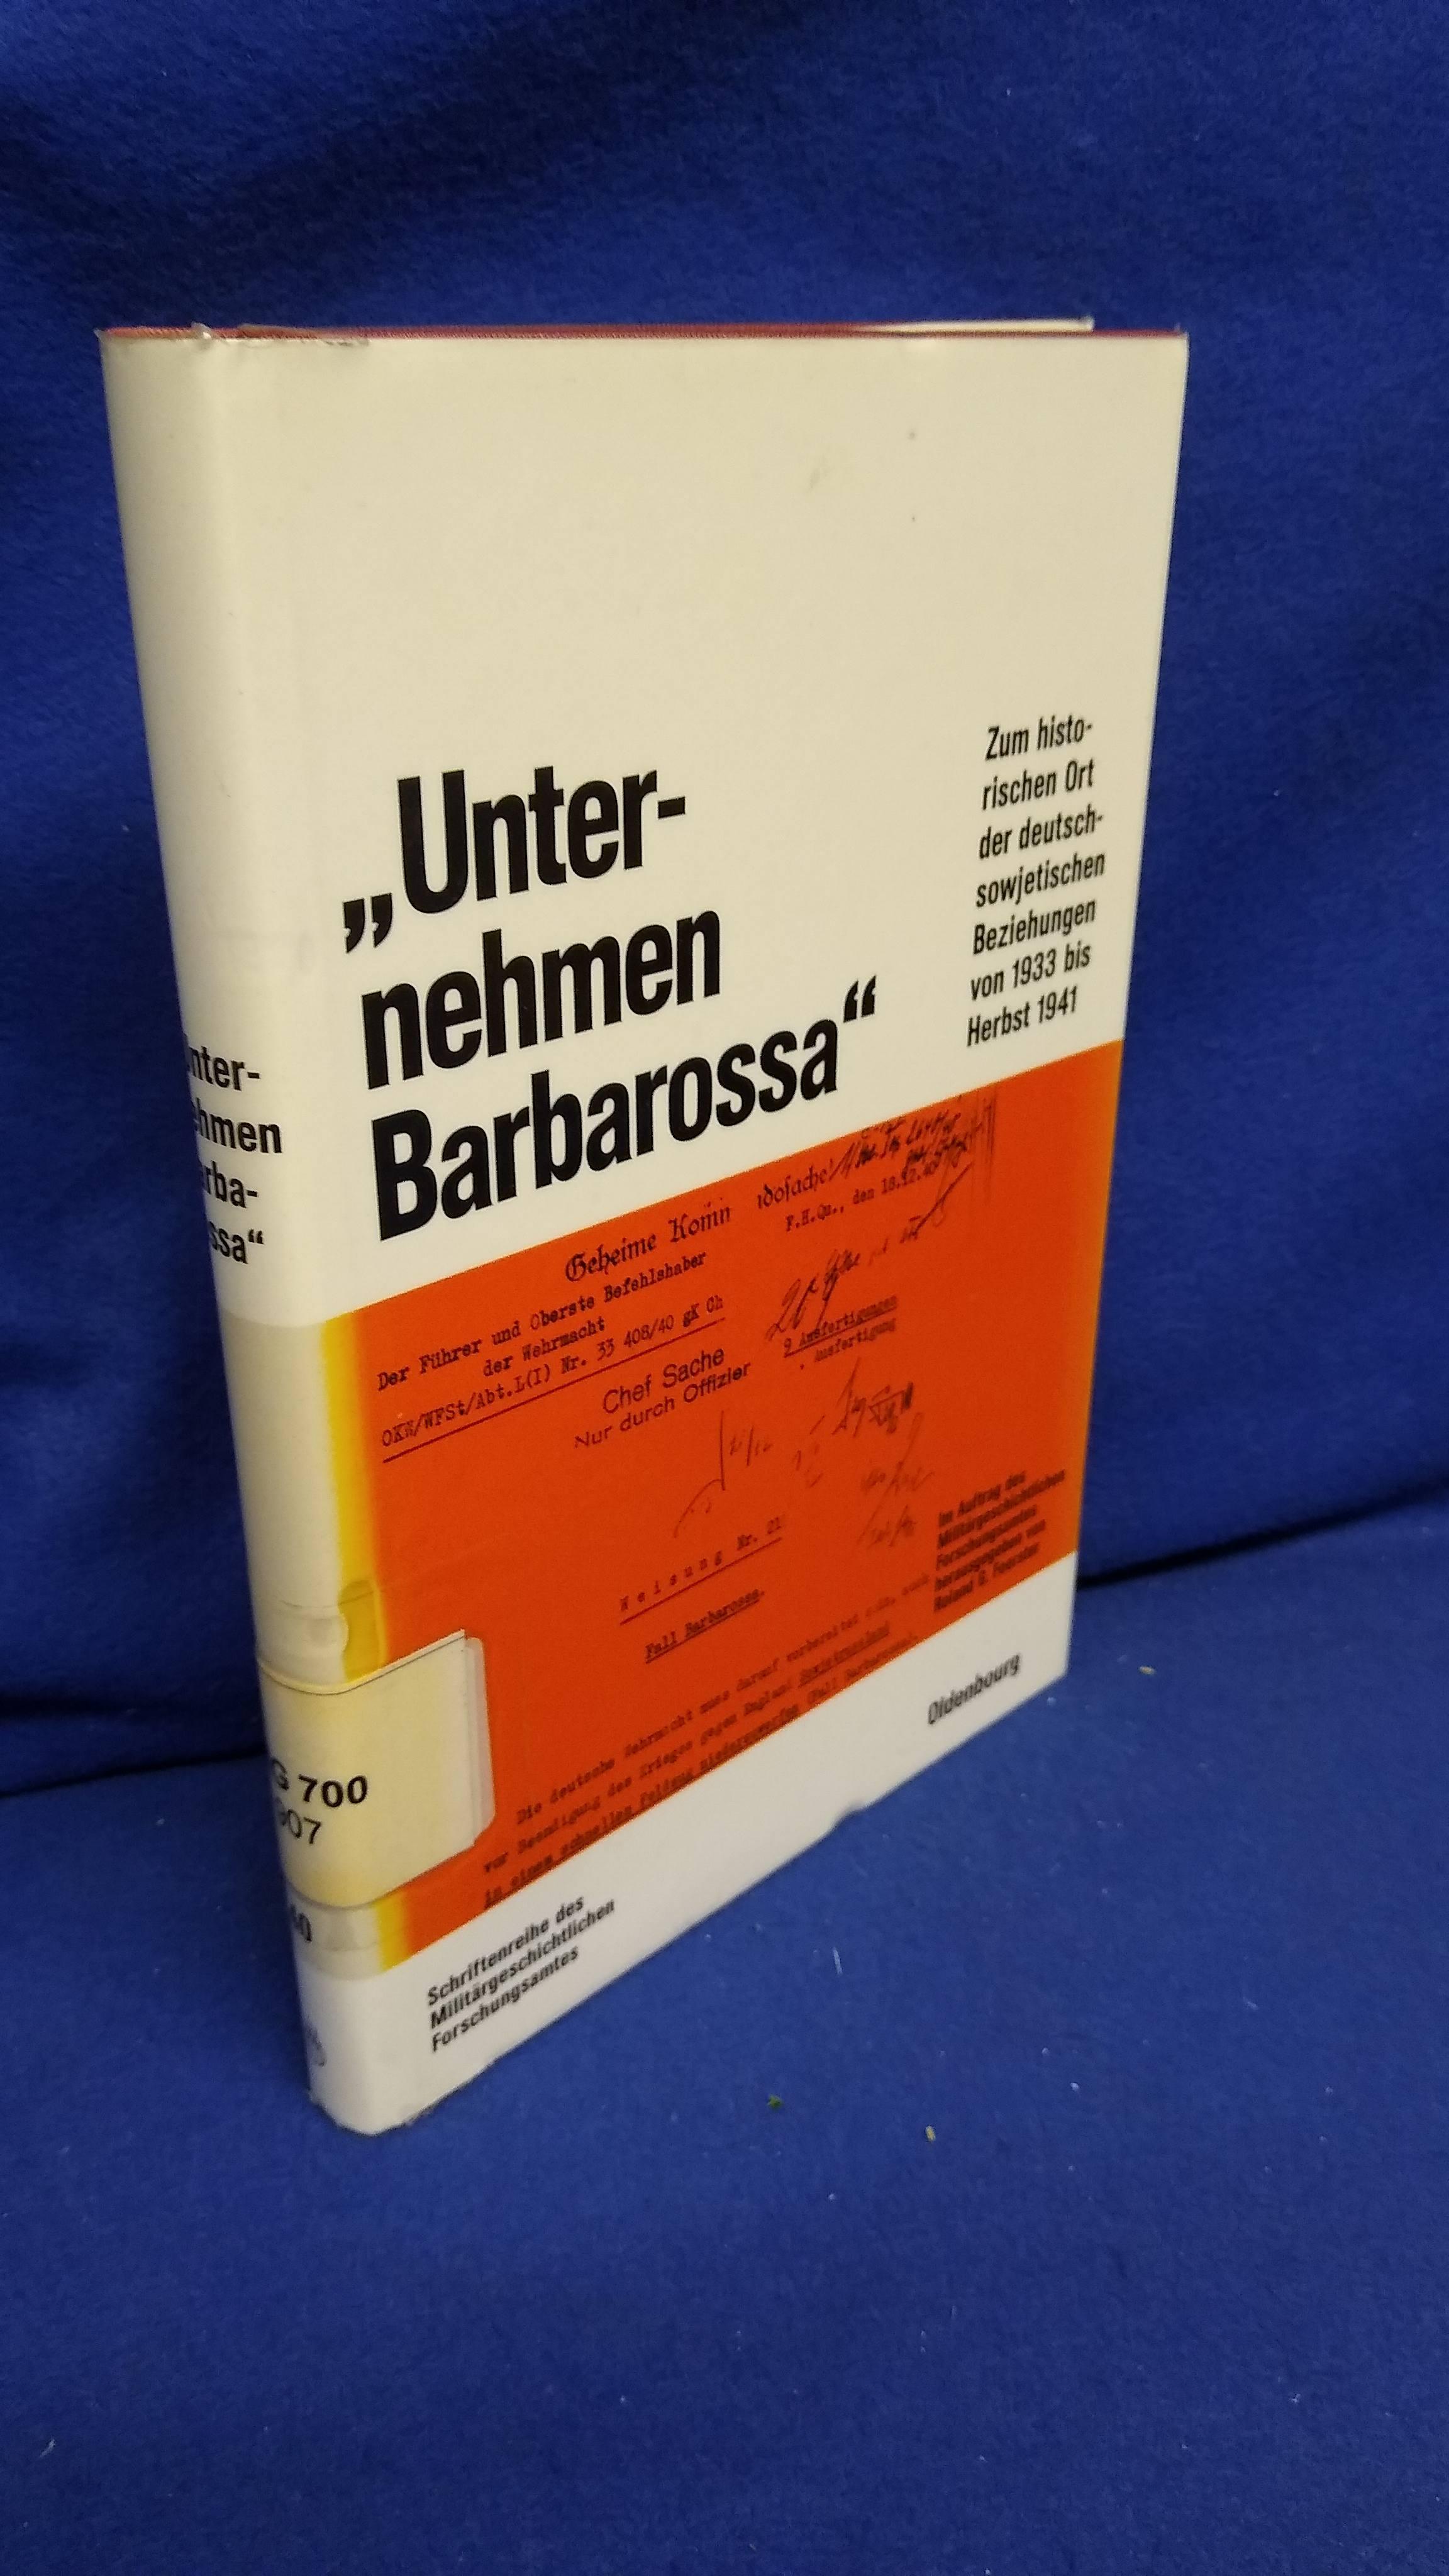 Beiträge zur Militärgeschichte, Band 40: Unternehmen Barbarossa. Zum historischen Ort der deutsch-sowjetischen Beziehungen von 1933 bis Herbst 1941